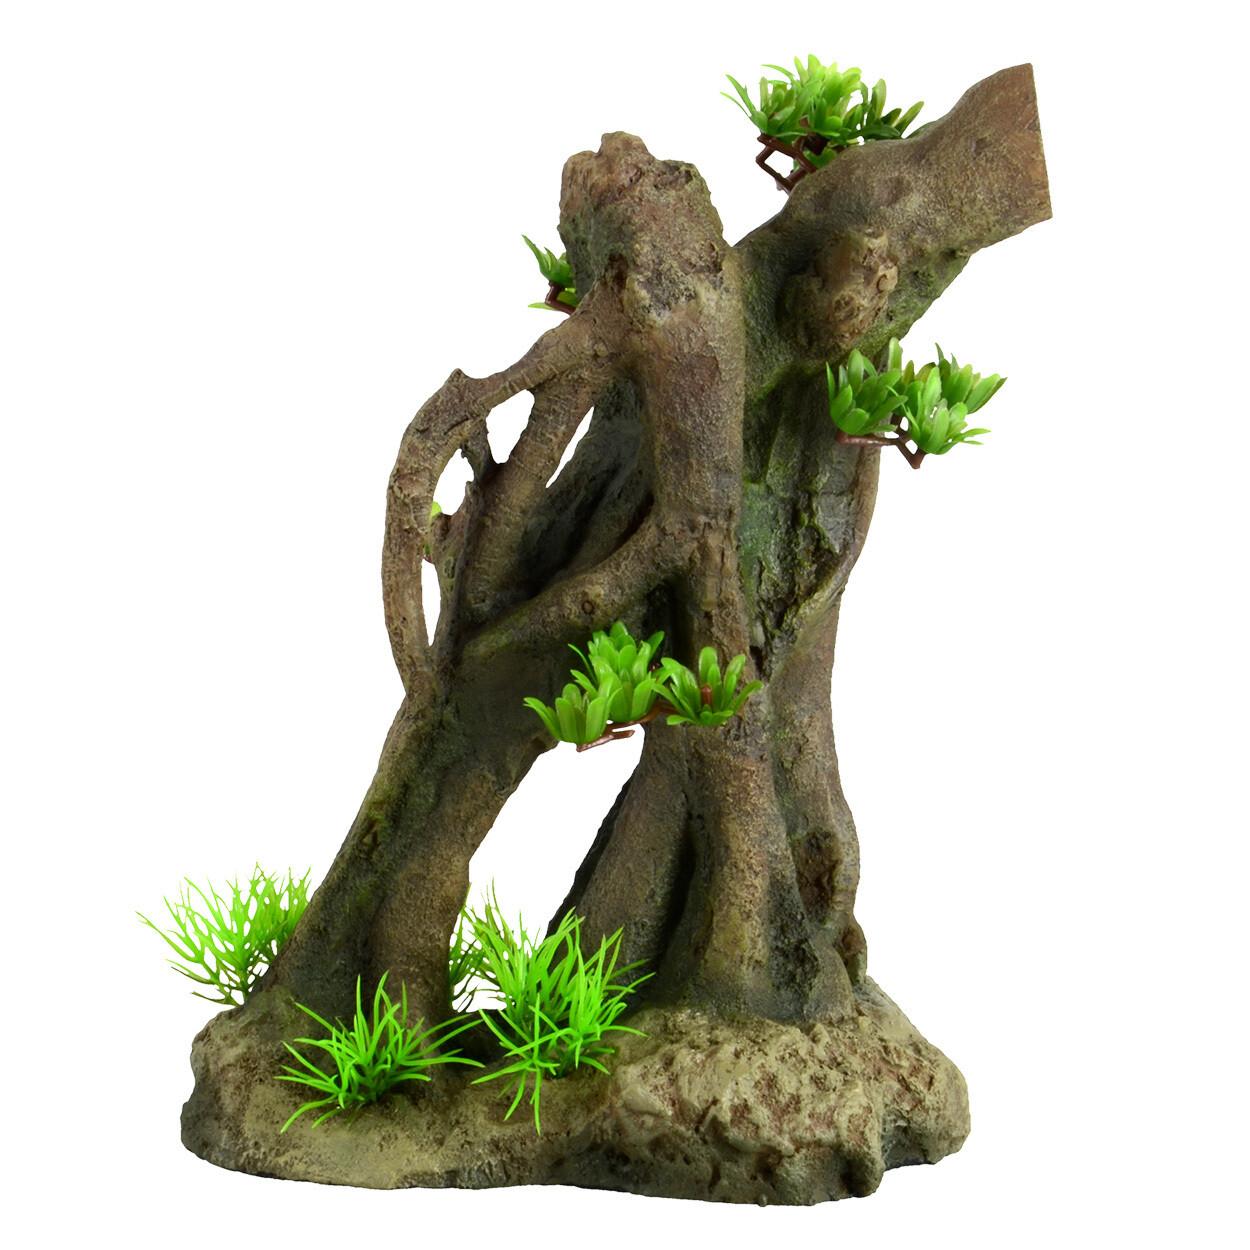 Underwater Treasures Tree Root